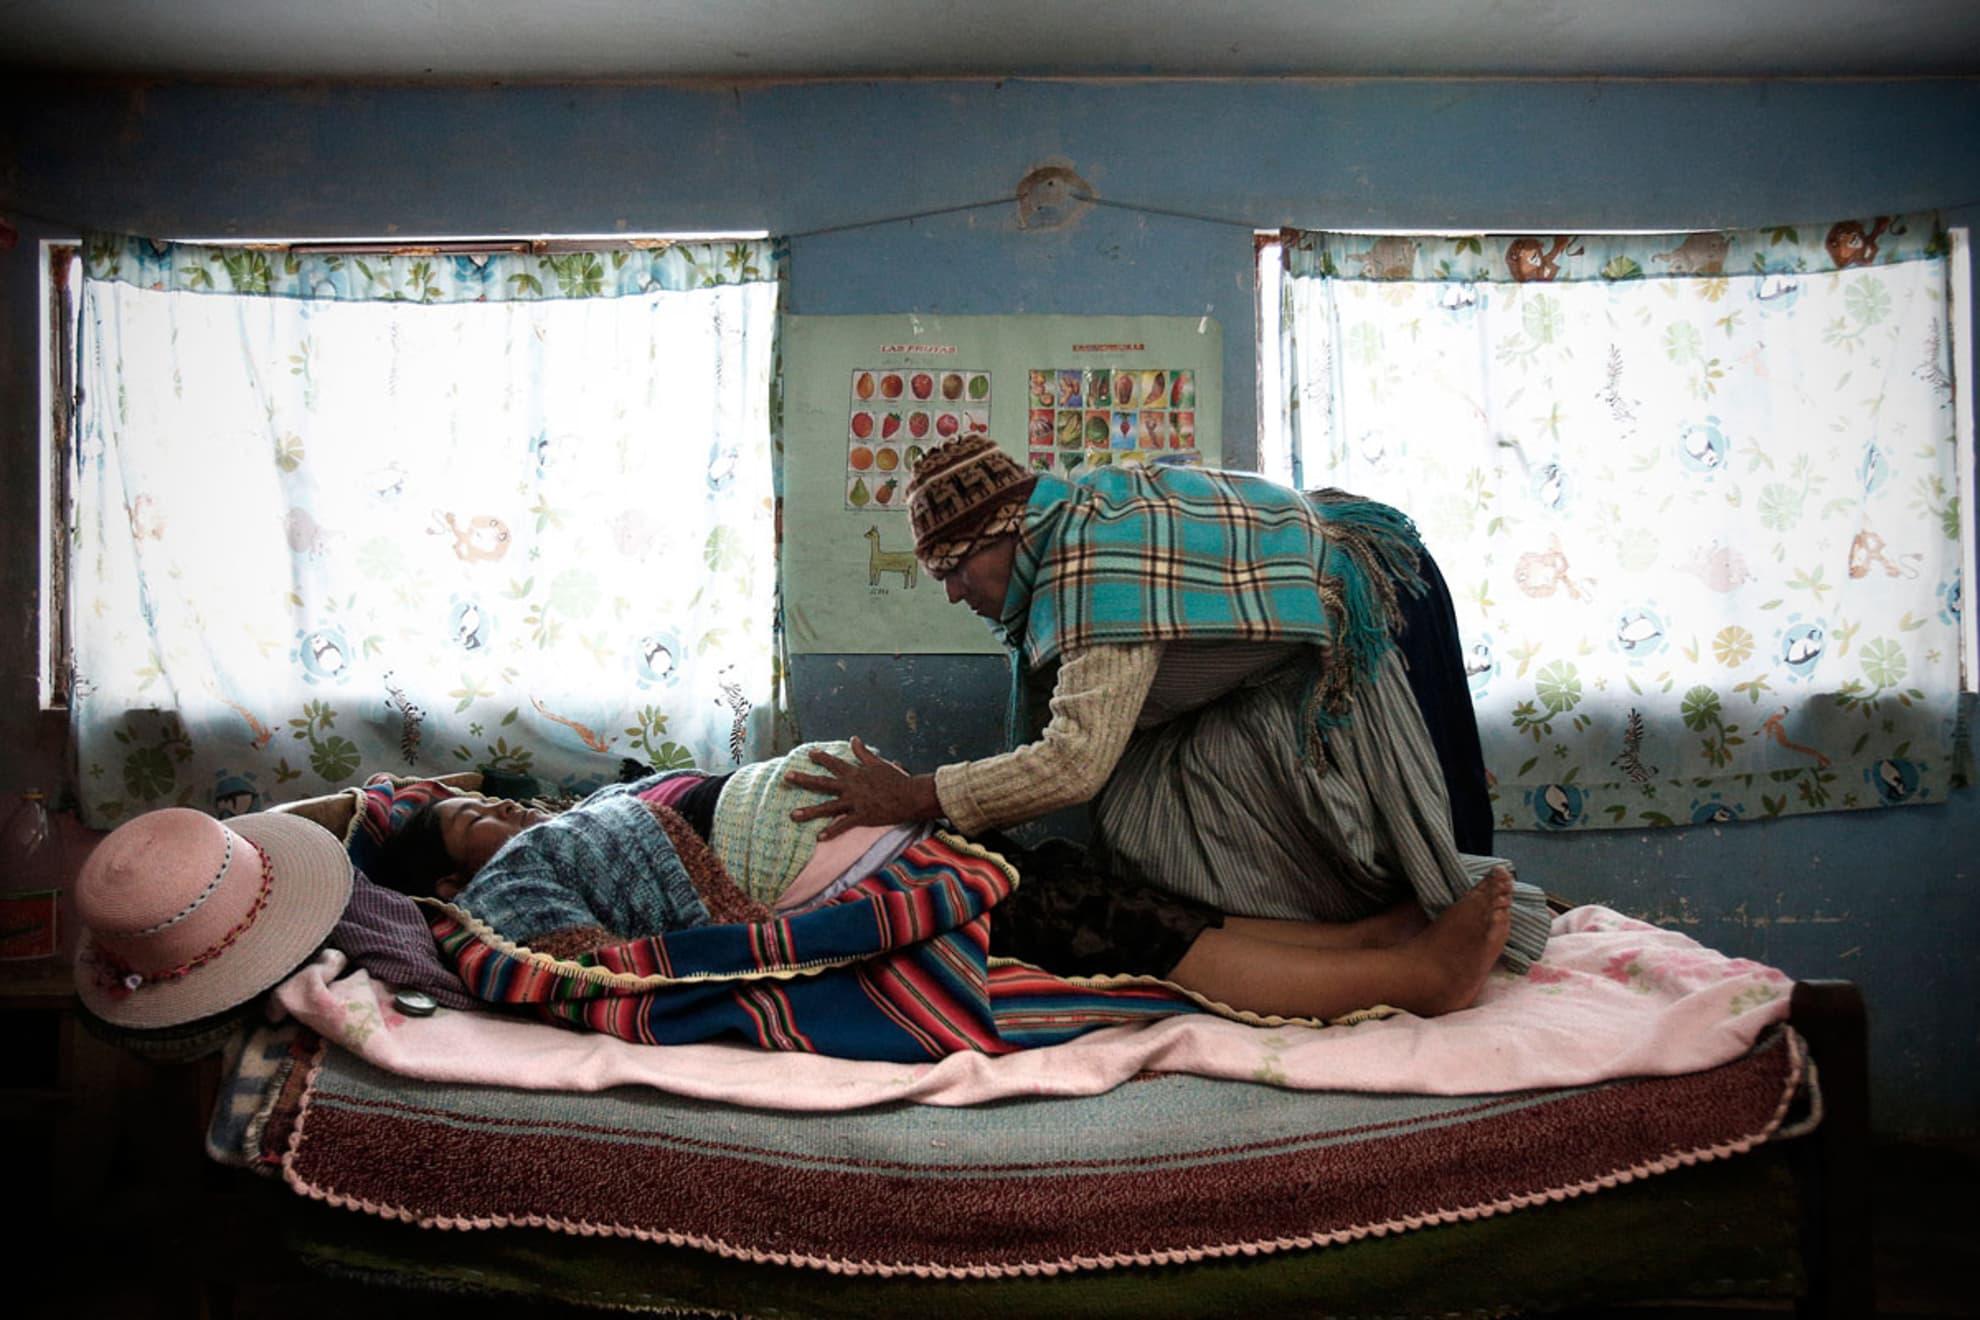 La partera Leonarda Quispe Rojas de 60 años hace masajes a Zenobia Mamani Ramos, 38 años, embaraza de 38 semanas en su casa.